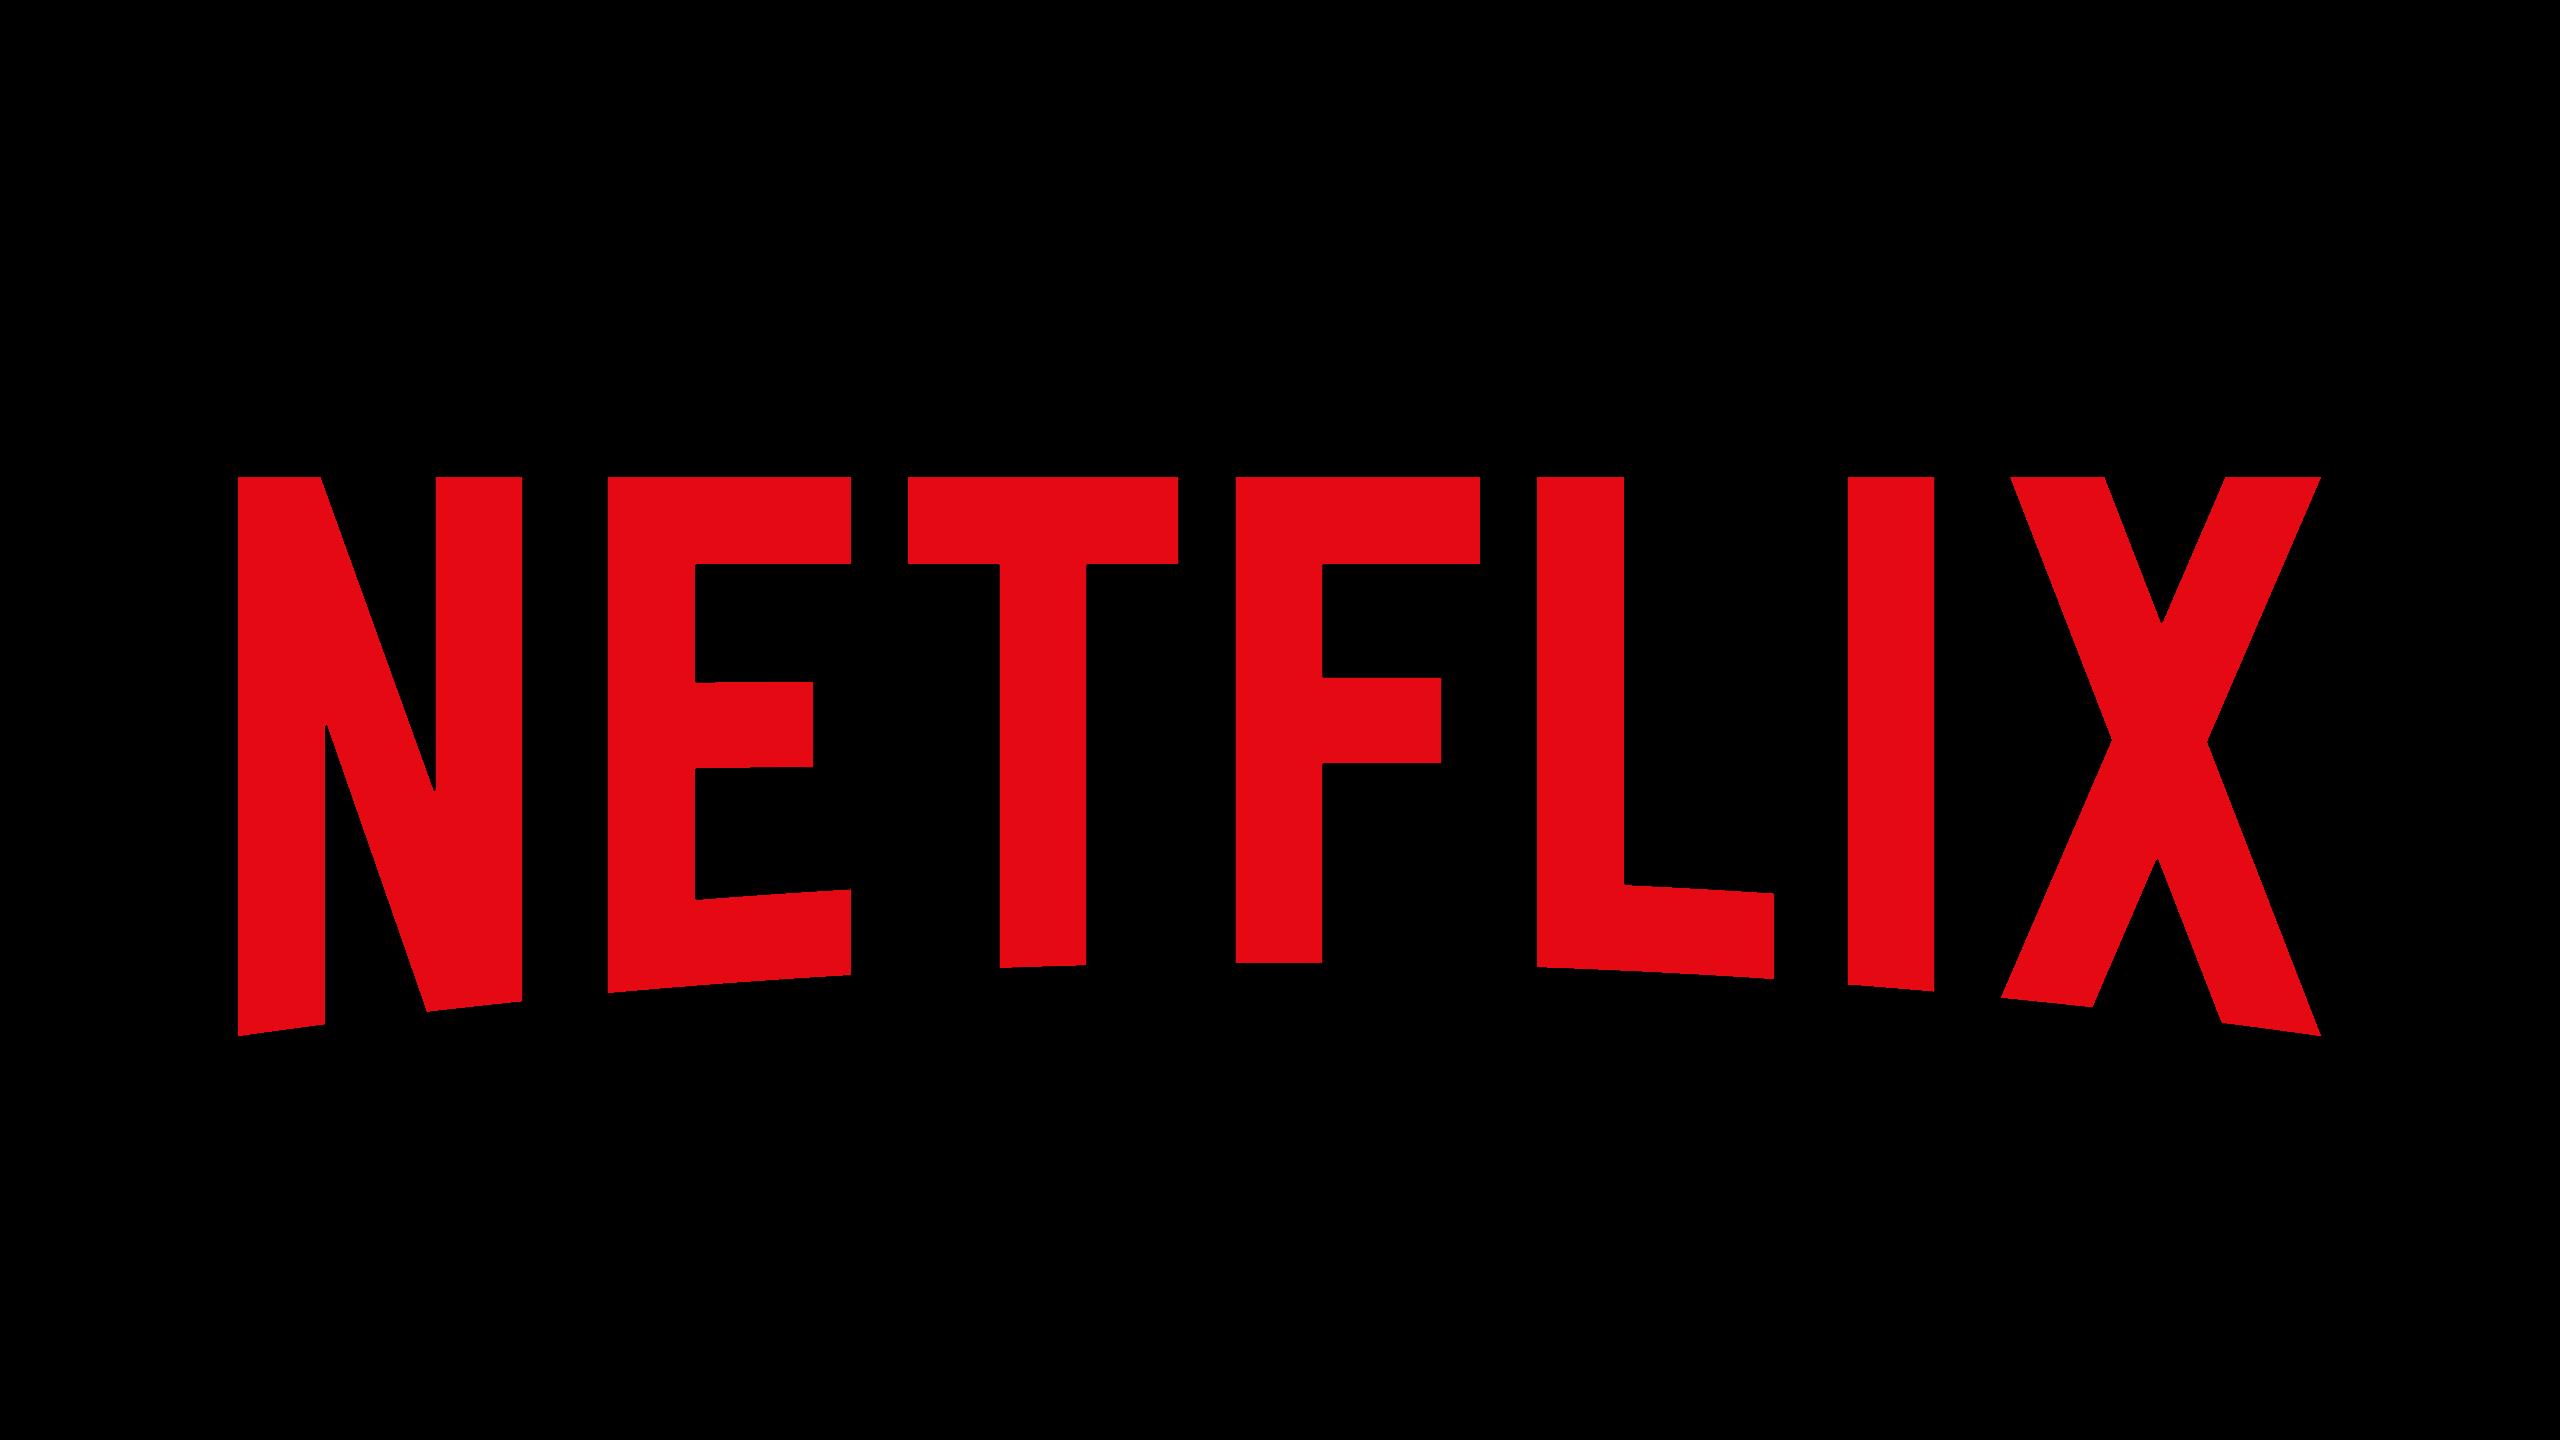 Нетфликс представил новых актёров в адаптации аниме «Ковбой Бибоп»